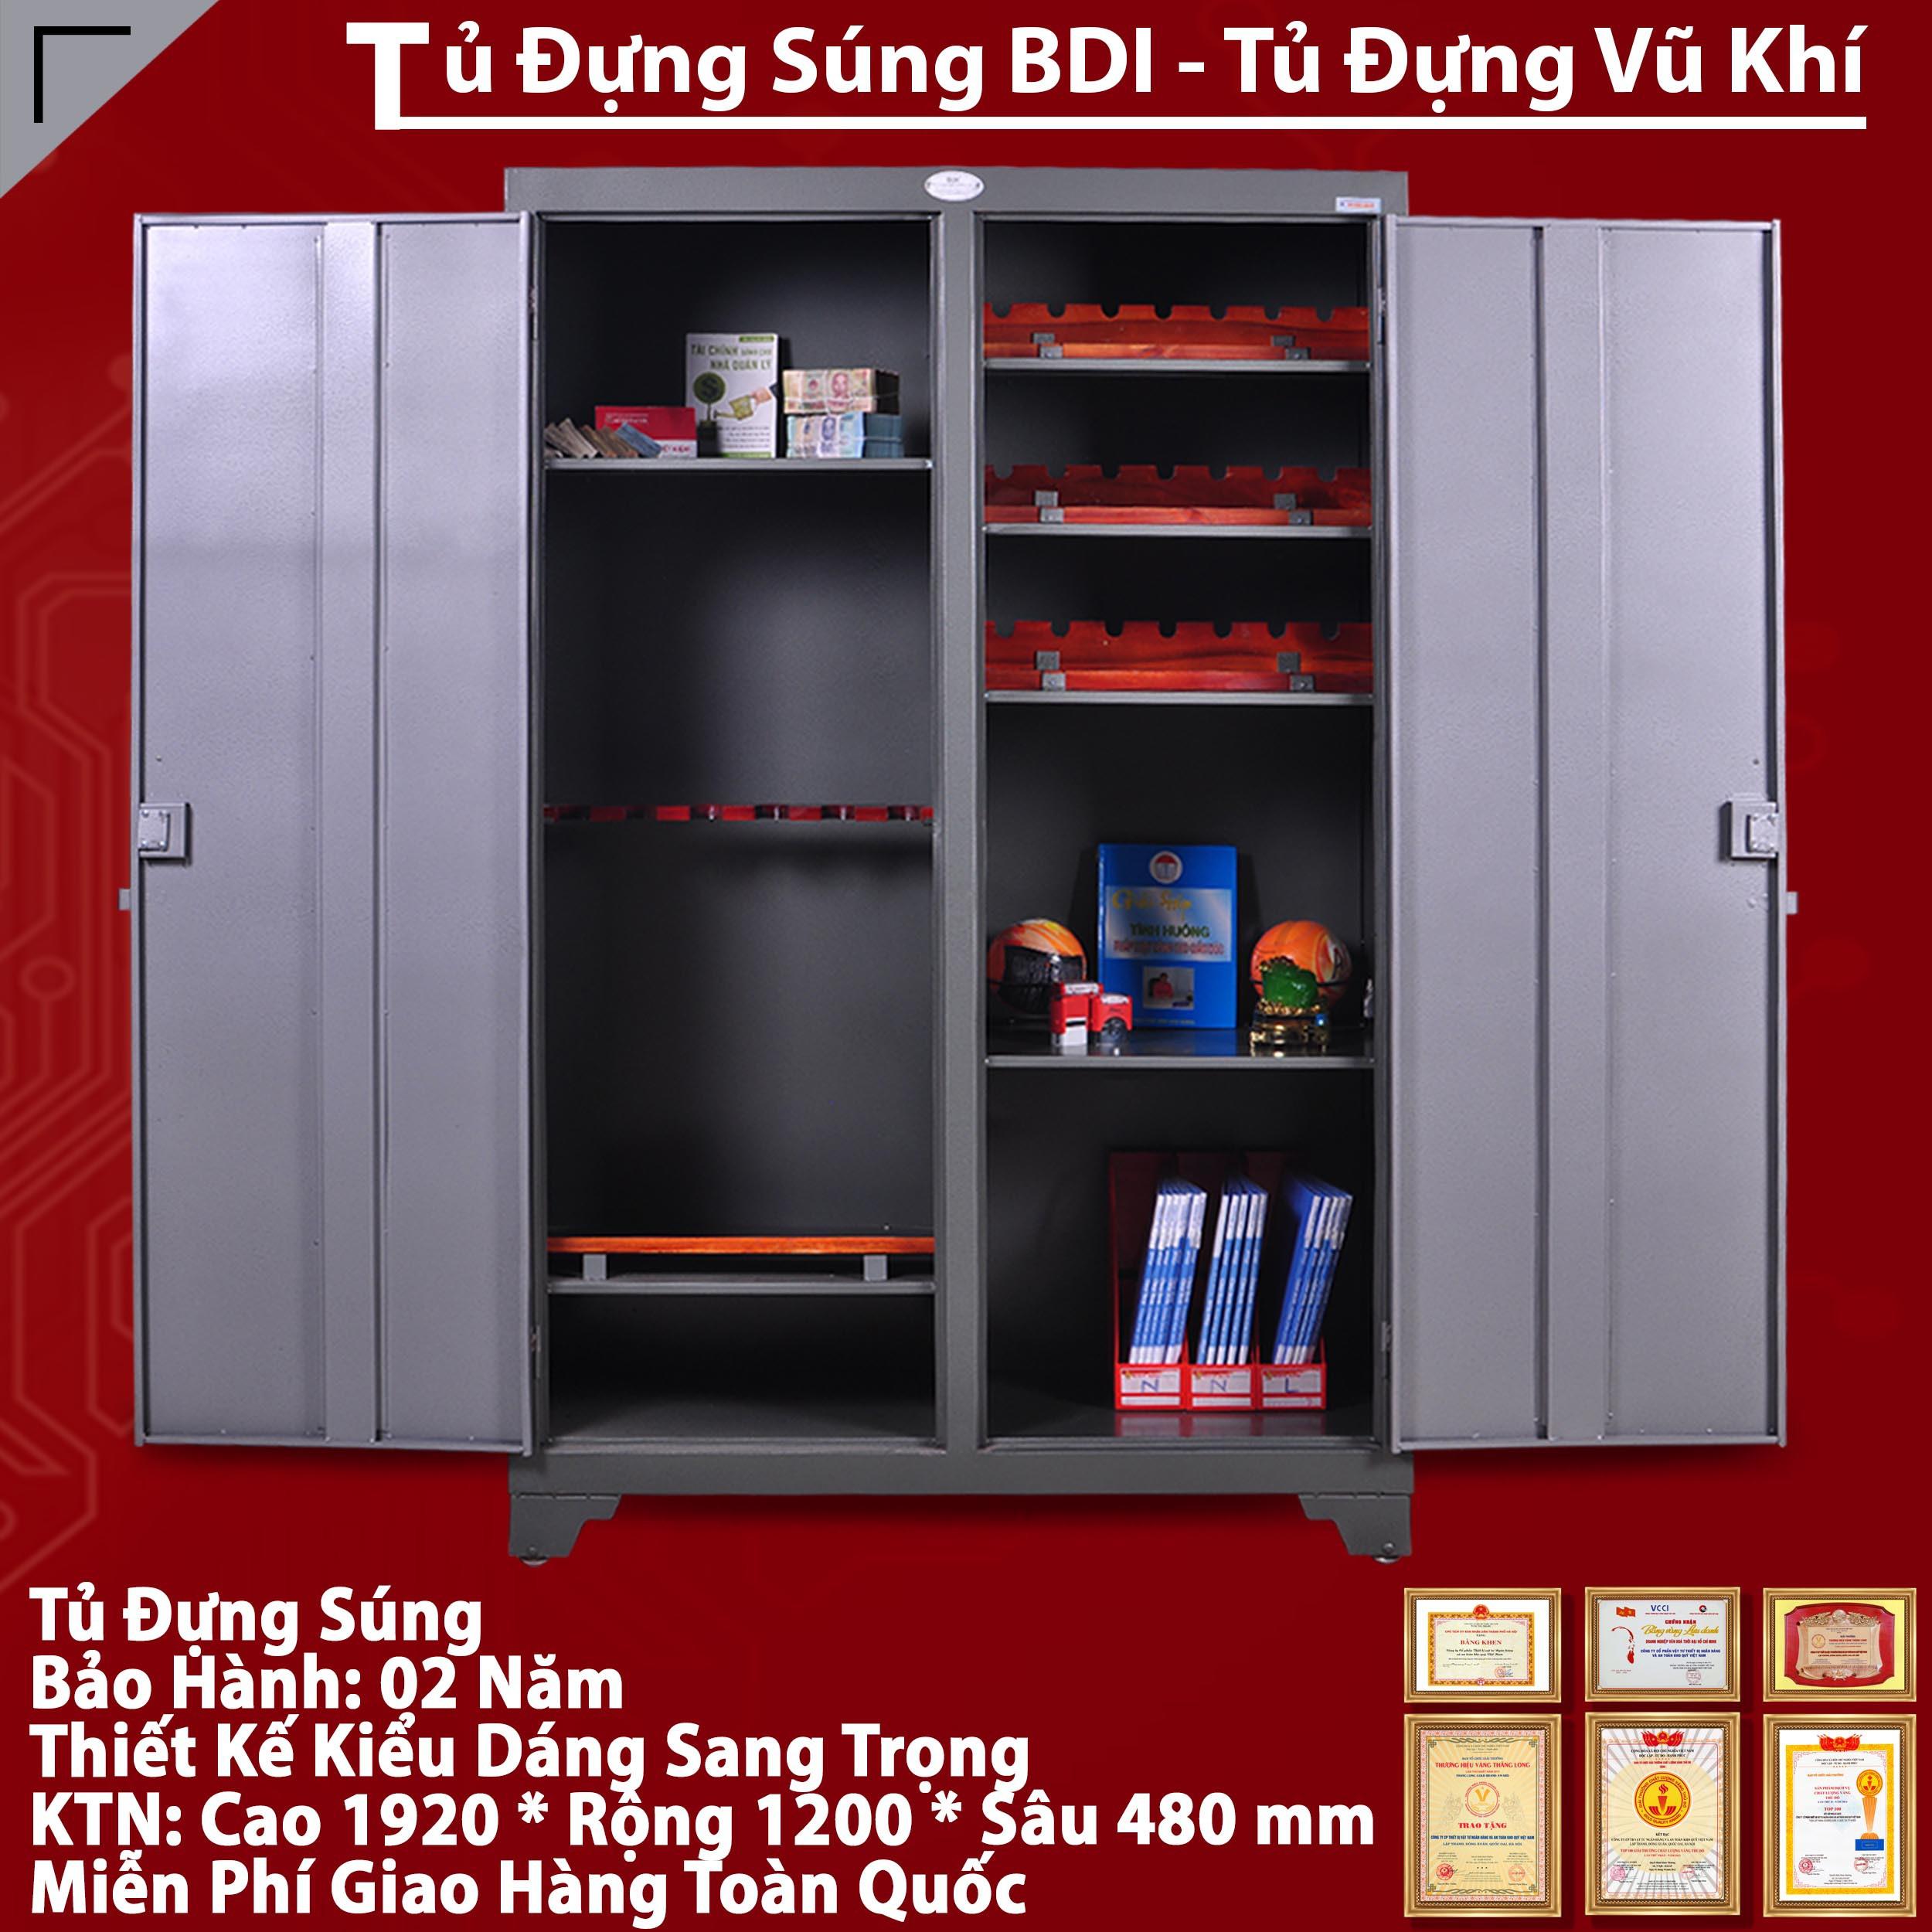 Nha May San Xuat Tu Dung Sung